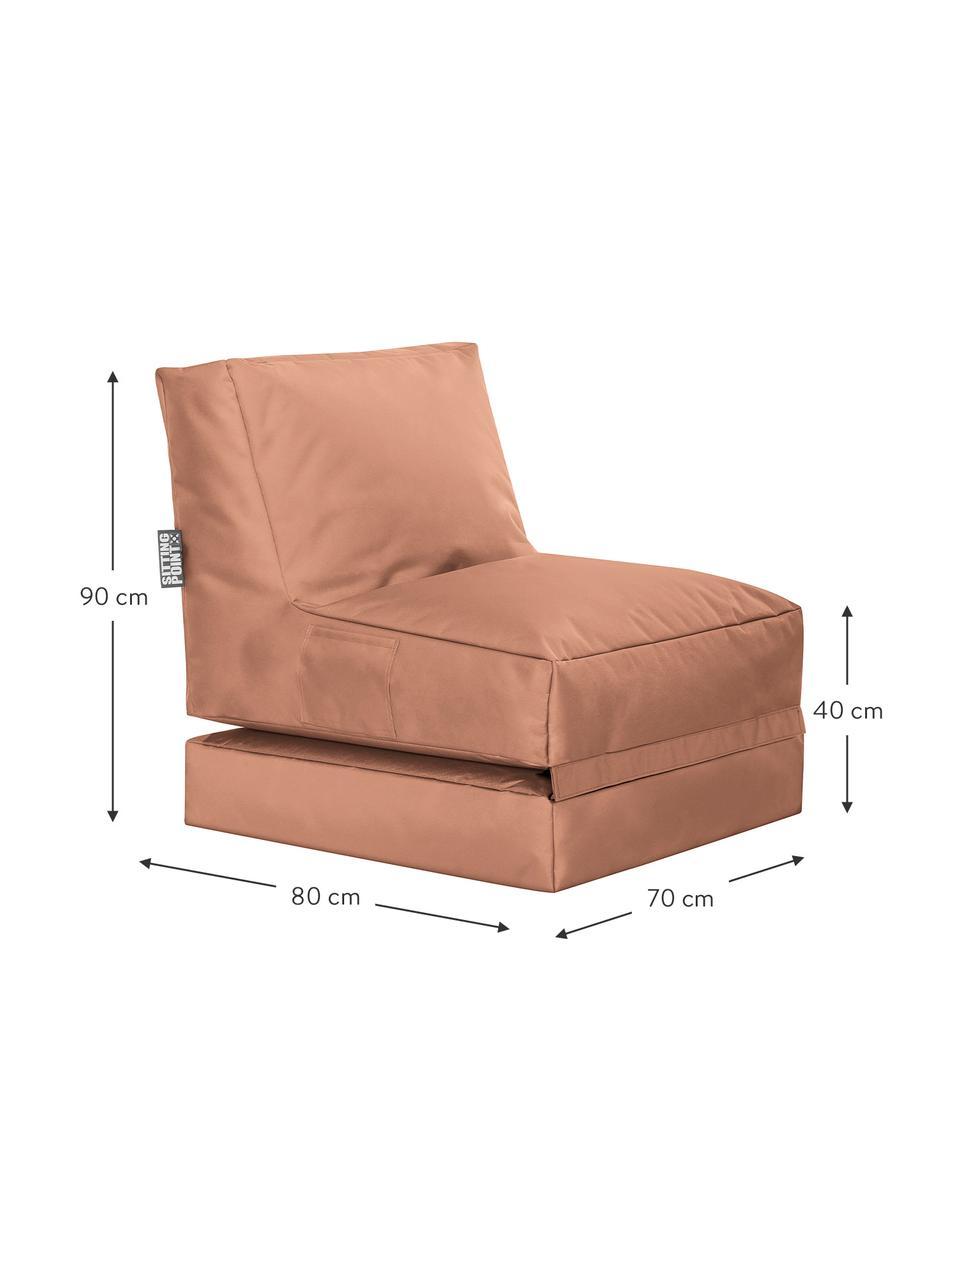 Garten-Loungesessel Pop Up mit Liegefunktion, Bezug: 100% Polyester Innenseite, Rosa, B 70 x T 90 cm